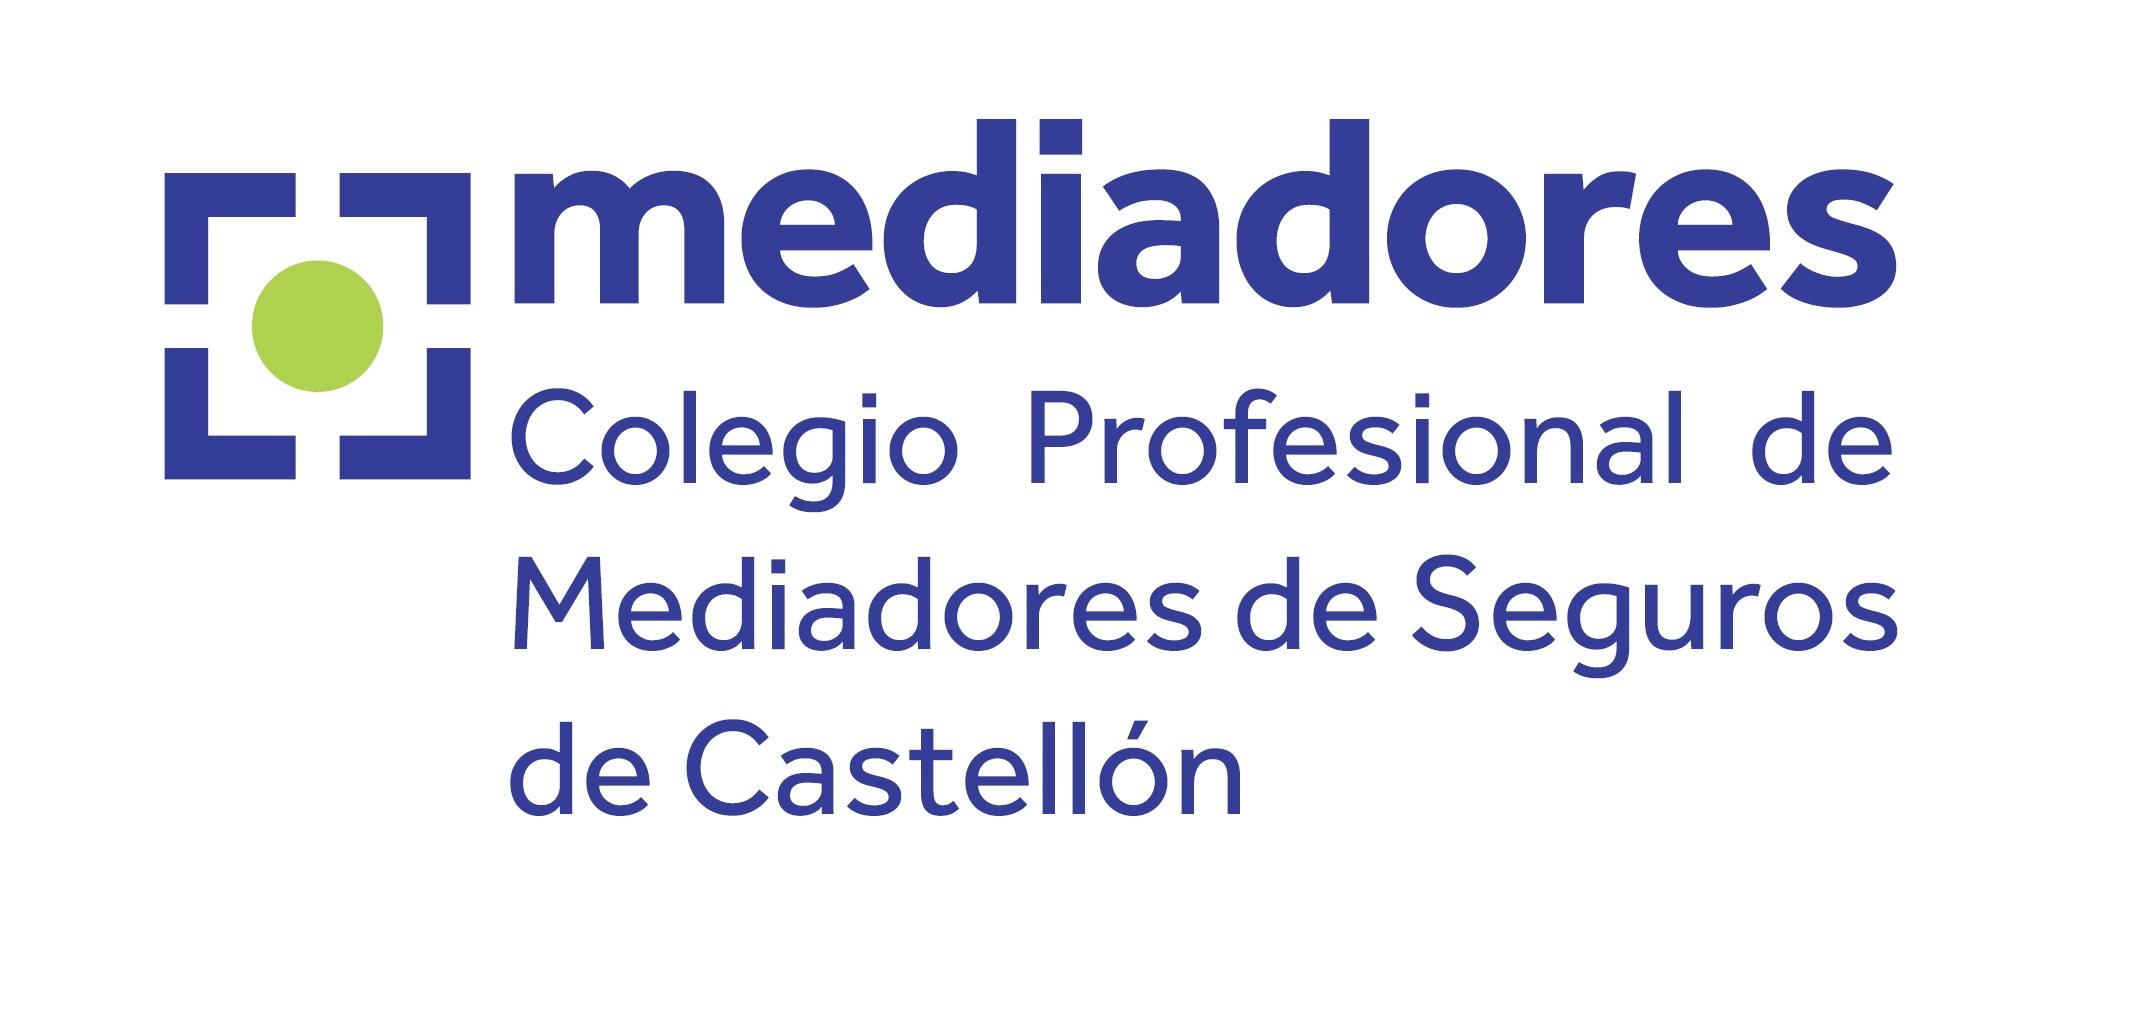 Colegio Profesional de Mediadores de Seguros de Castellón Logo